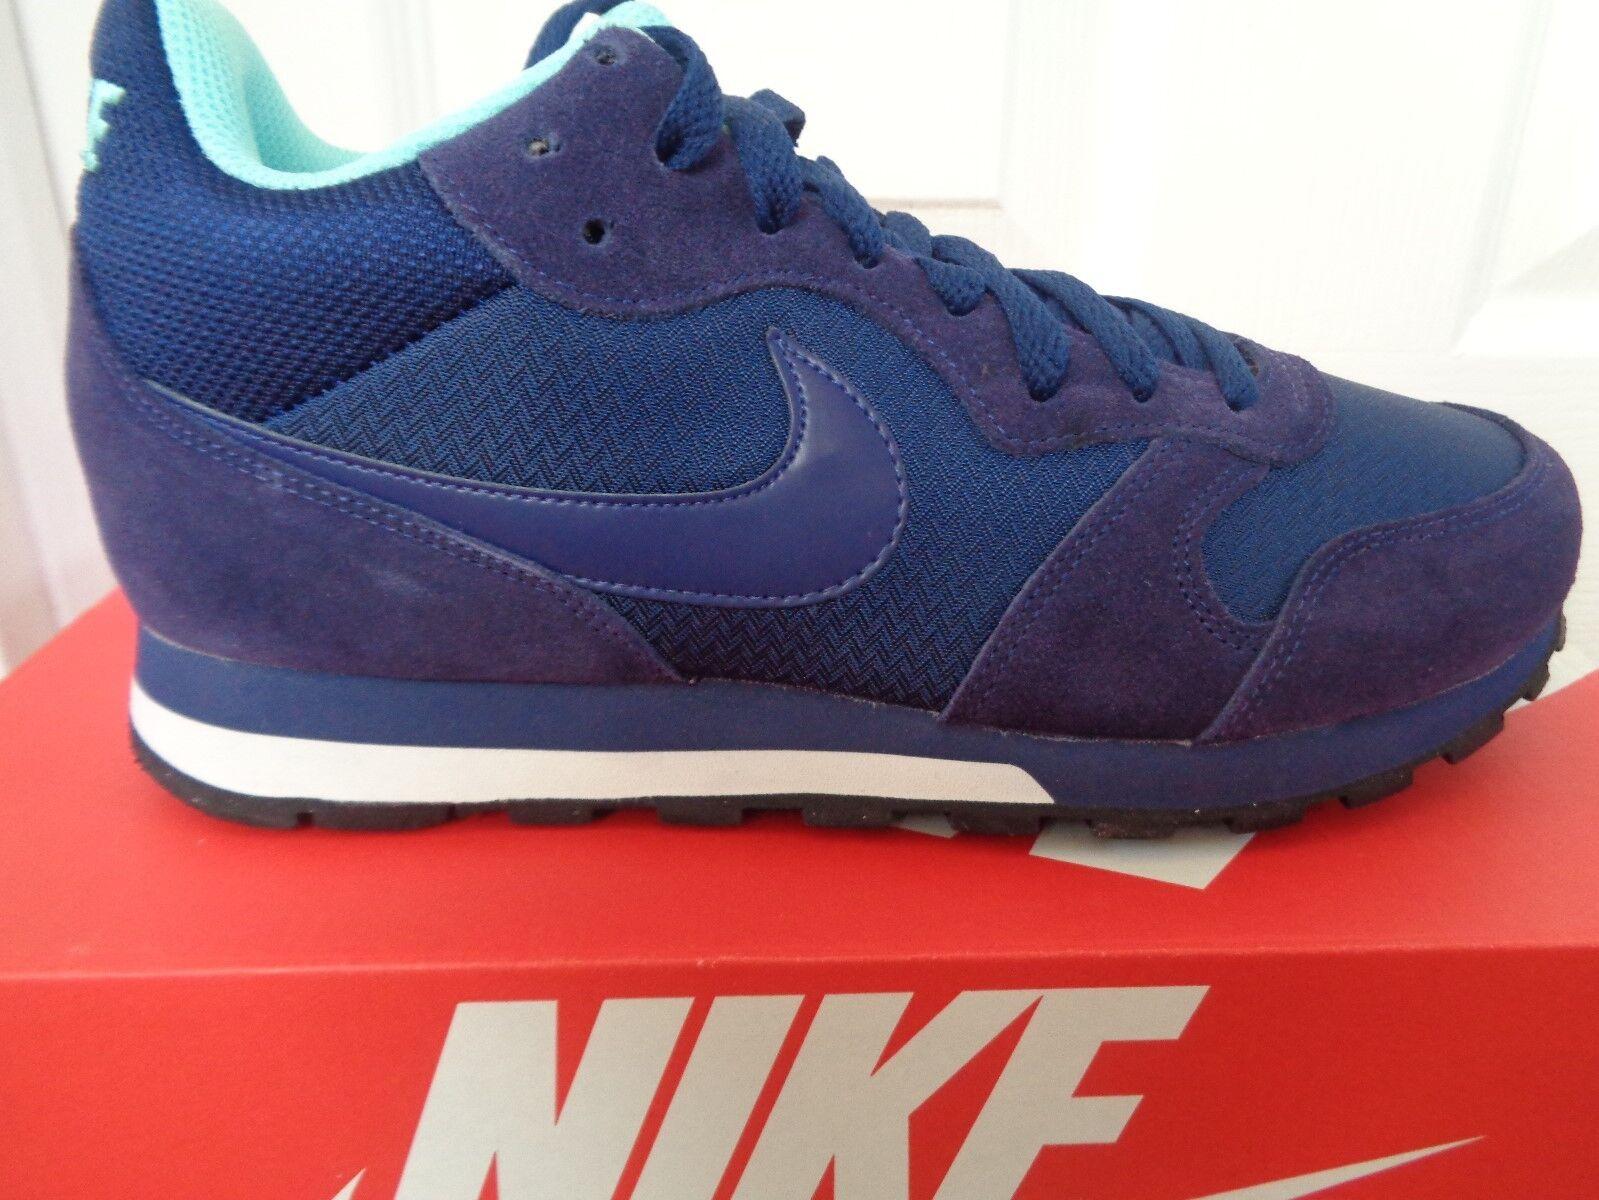 Nike MD Runner 2 Mid Tenis Tenis Tenis Zapatillas para mujer 807172 443 UK 5.5 EU 39 nos 8 Nuevo  promocionales de incentivo